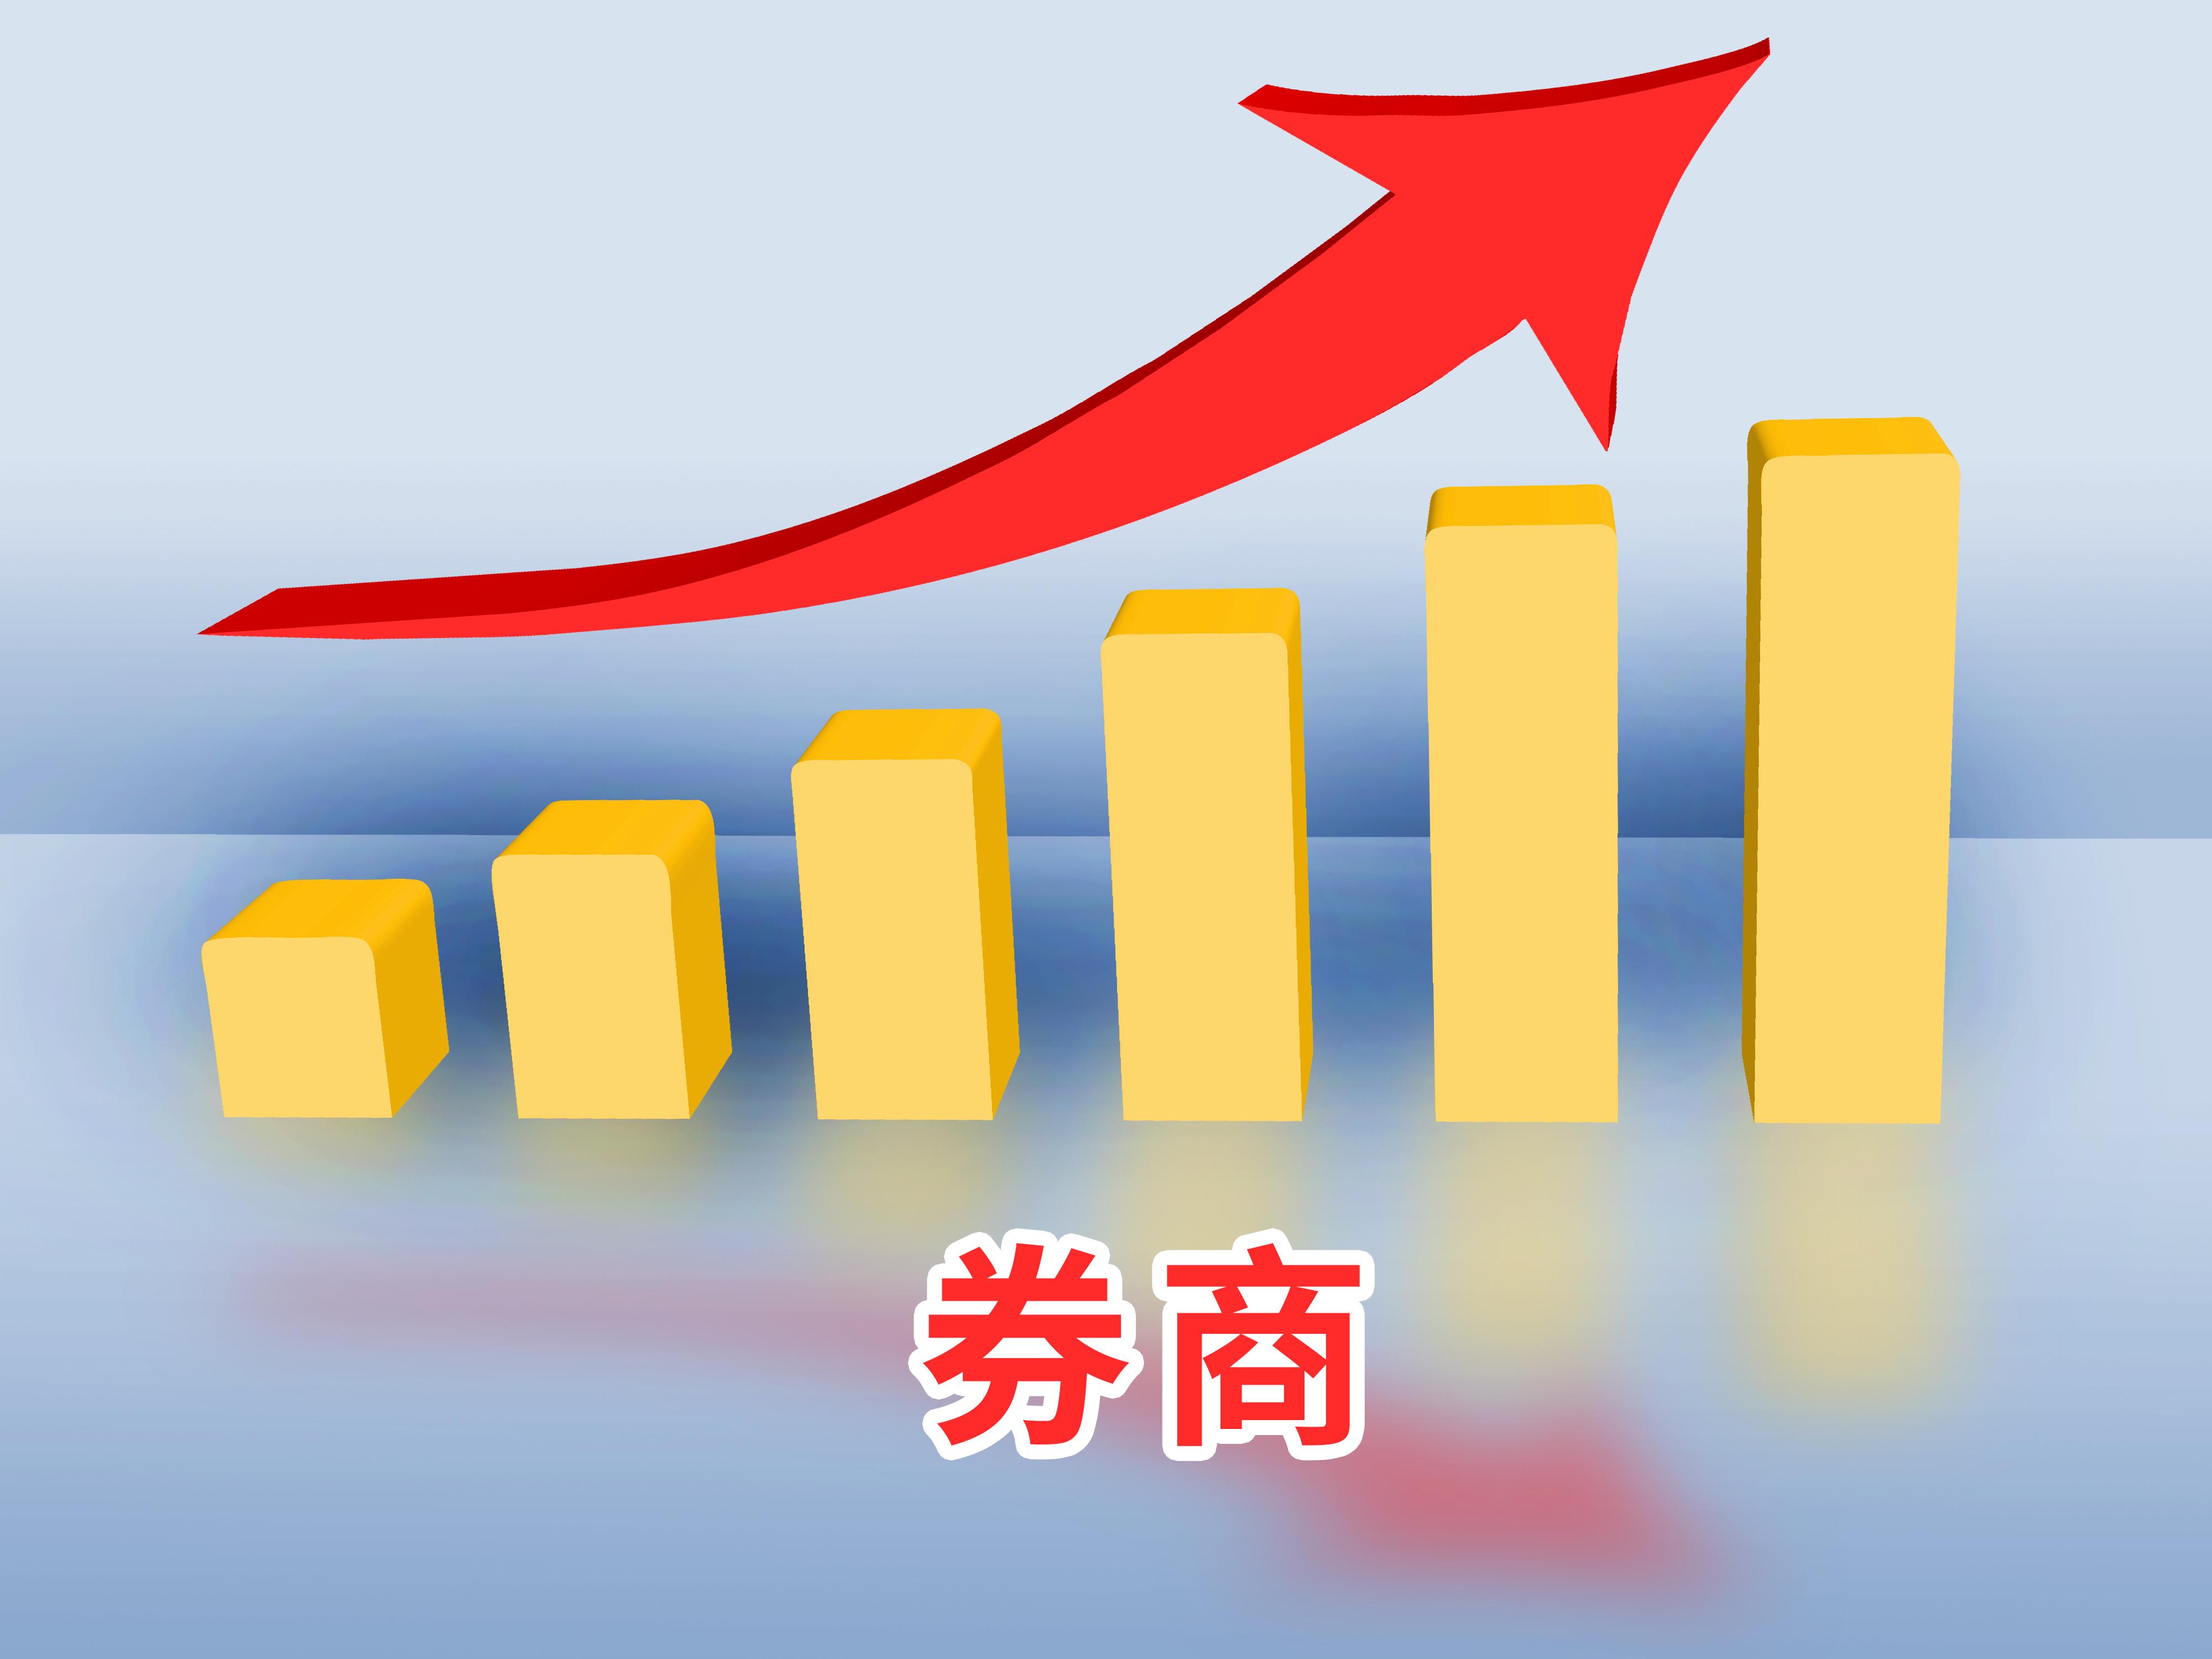 凤凰城代理注册净赚903亿元!证券业中期净利同比增长8.6%,头部券商里仅中信建投增速为负